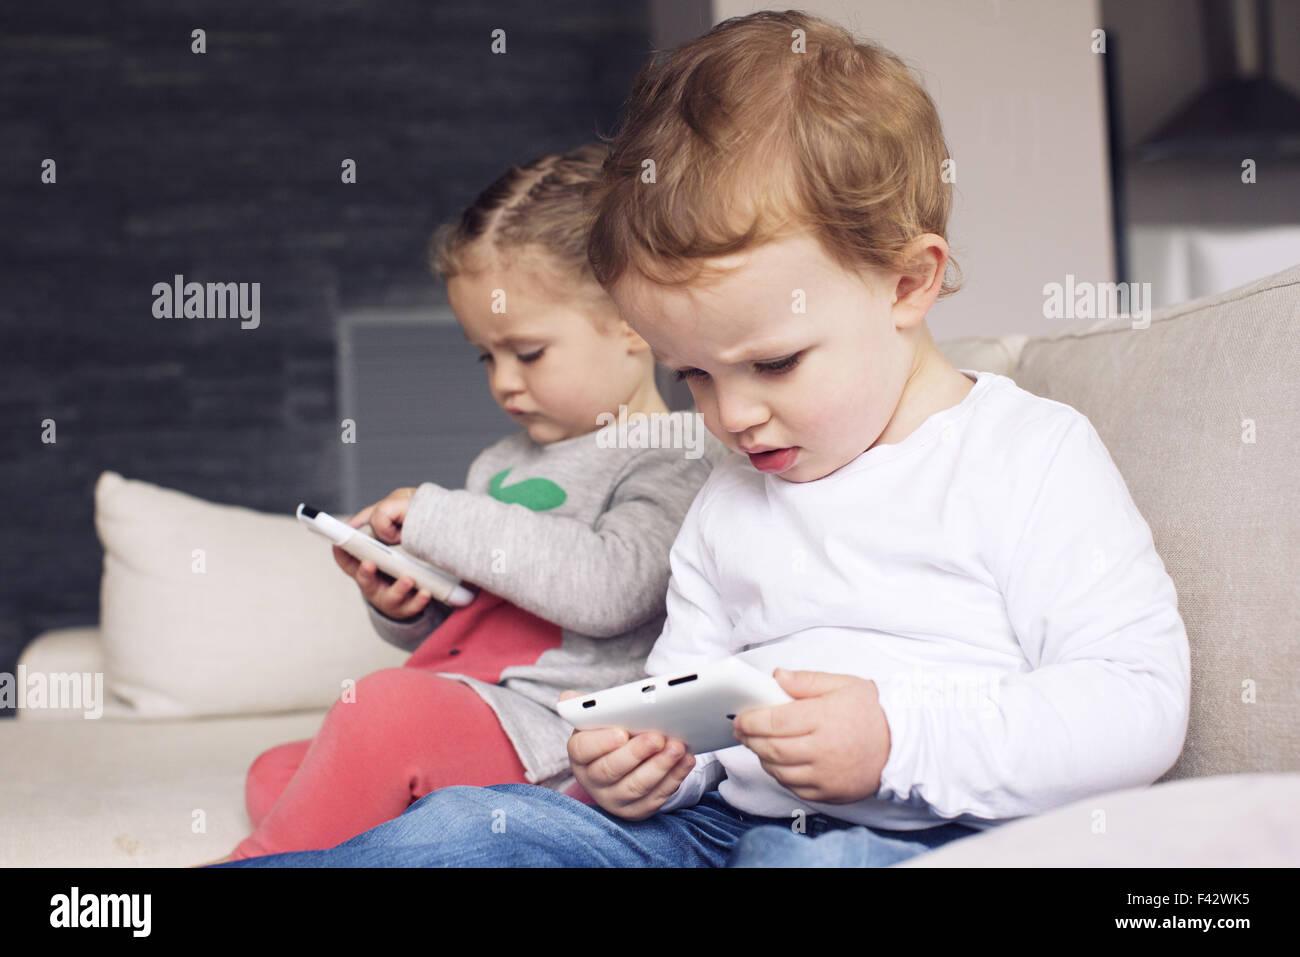 Los niños utilizar los smartphones Imagen De Stock